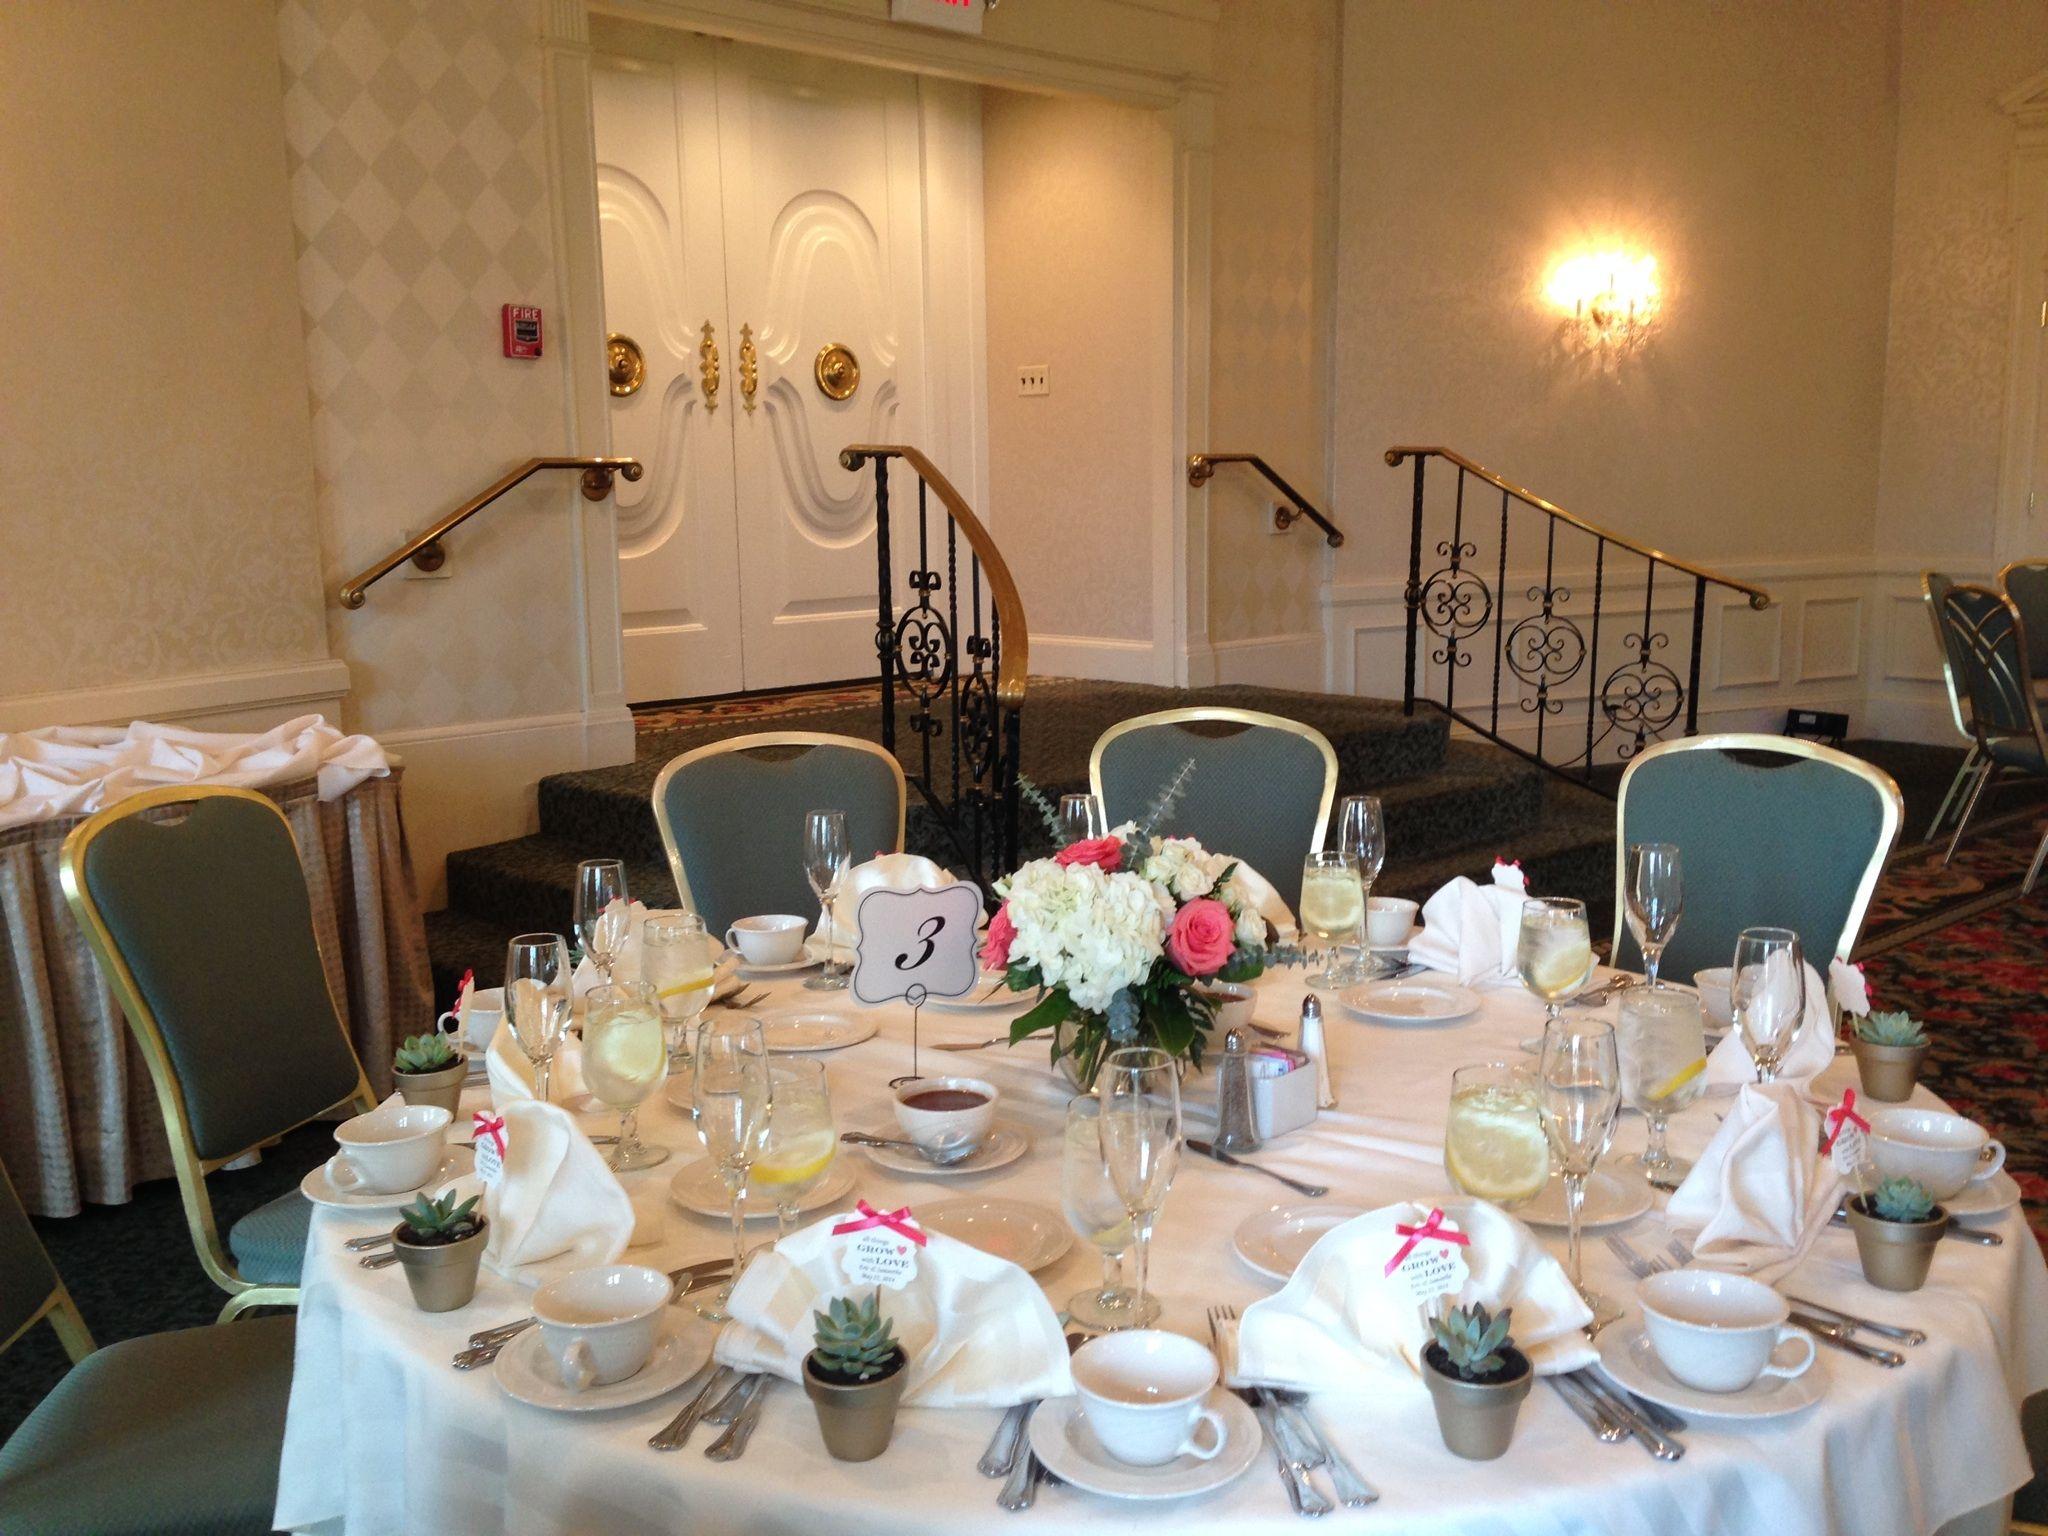 Hotel Northampton Wedding Weddings Hotelnorthampton